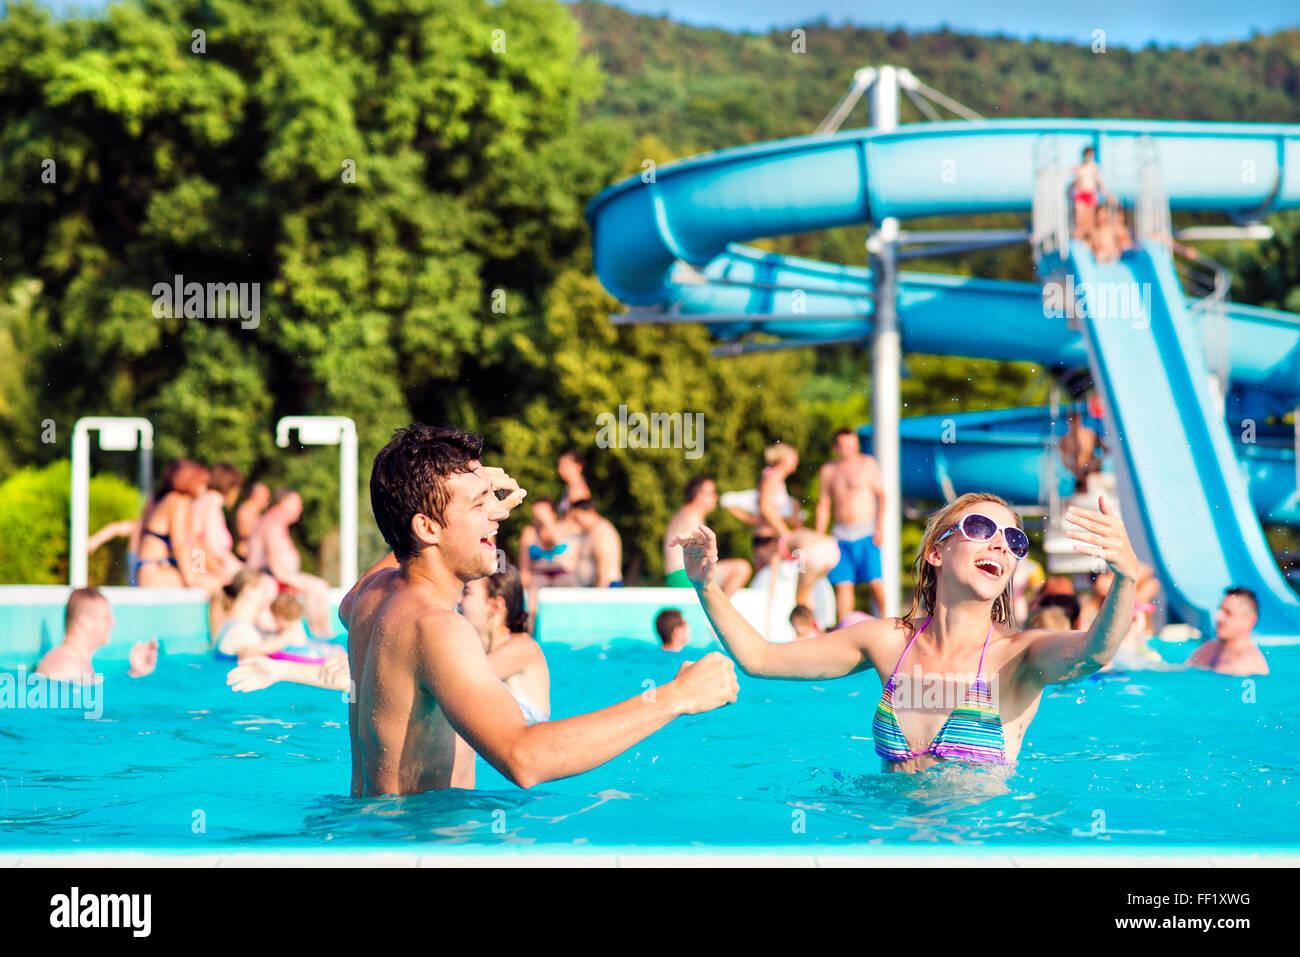 Pareja joven en piscina en día soleado. Tobogán de agua. Imagen De Stock